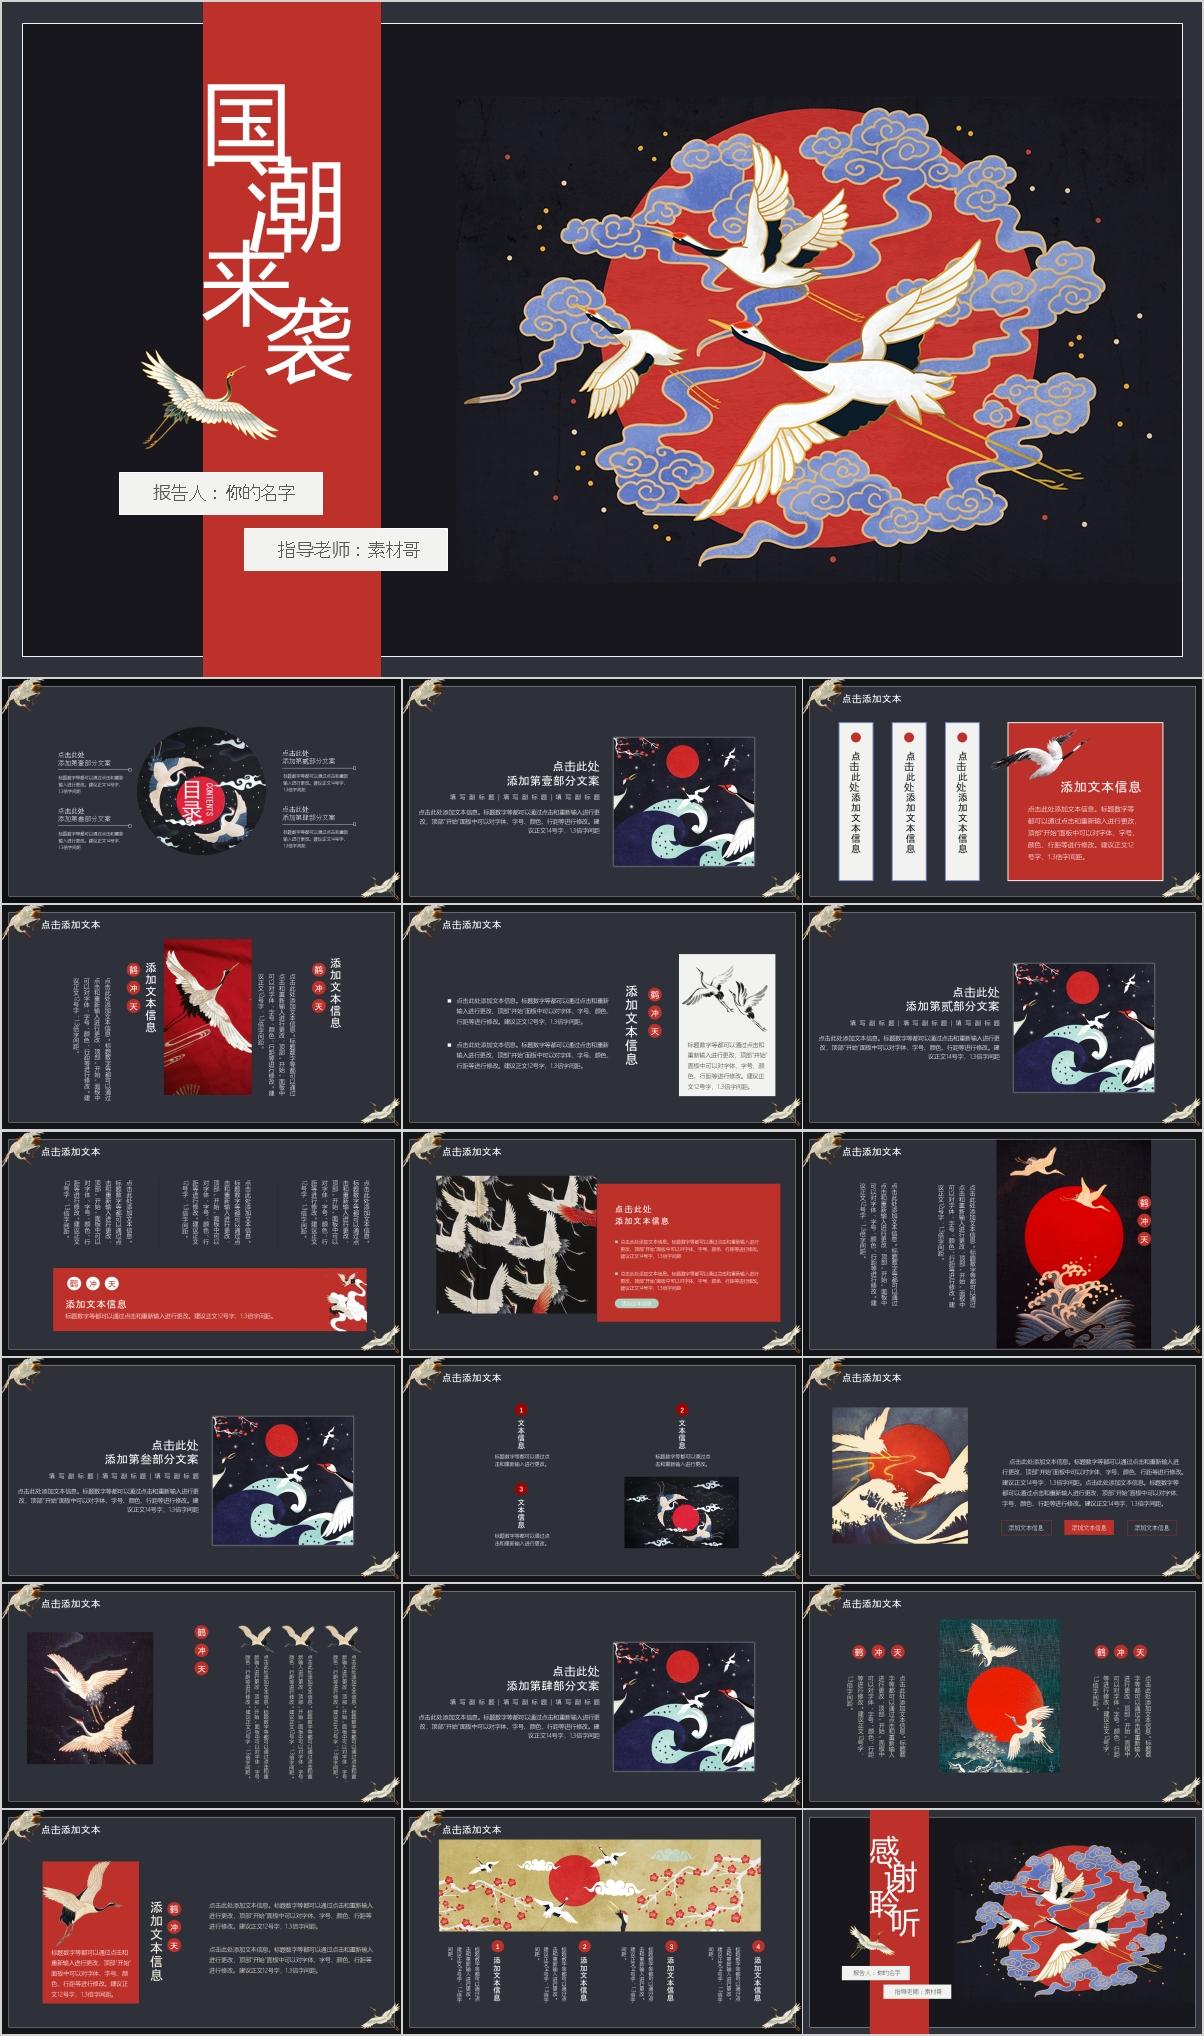 【PPT】国潮来袭通用黑红配色仙鹤PPT模板-爱资源分享